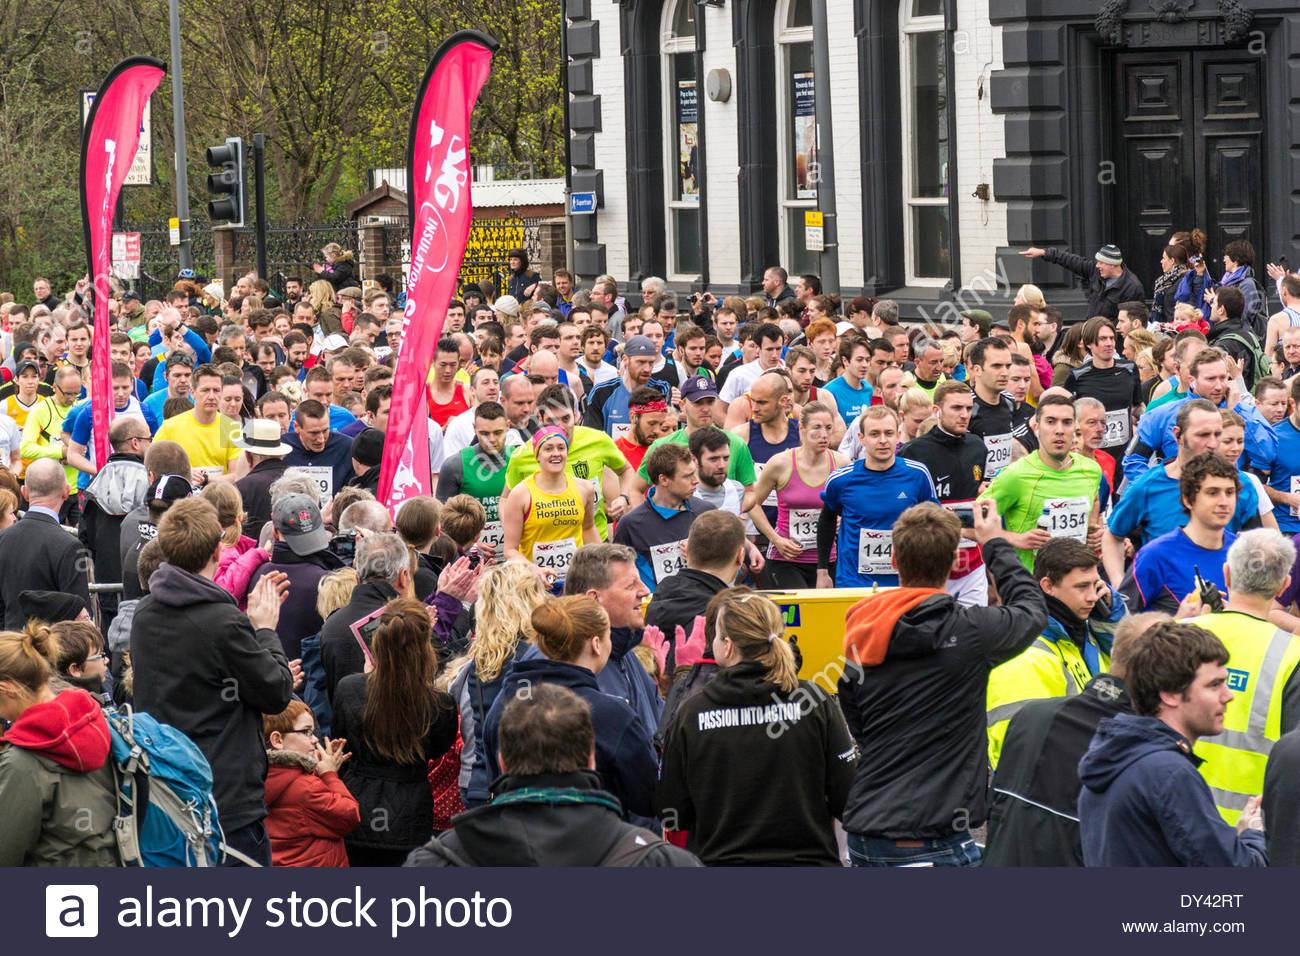 Sheffield, Regno Unito. 6 Aprile, 2014. Scene caotiche come l'annuale mezza maratona intorno alla città è annullato dopo 45 minuti di ritardo alla partenza, ma il set di guide comunque fuori. La cancellazione è stato a causa di una carenza di acqua sul corso, ma le persone e le aziende di Sheffield si sono stretti attorno a fornire acqua aggiuntiva per le guide di scorrimento. Immagini Stock